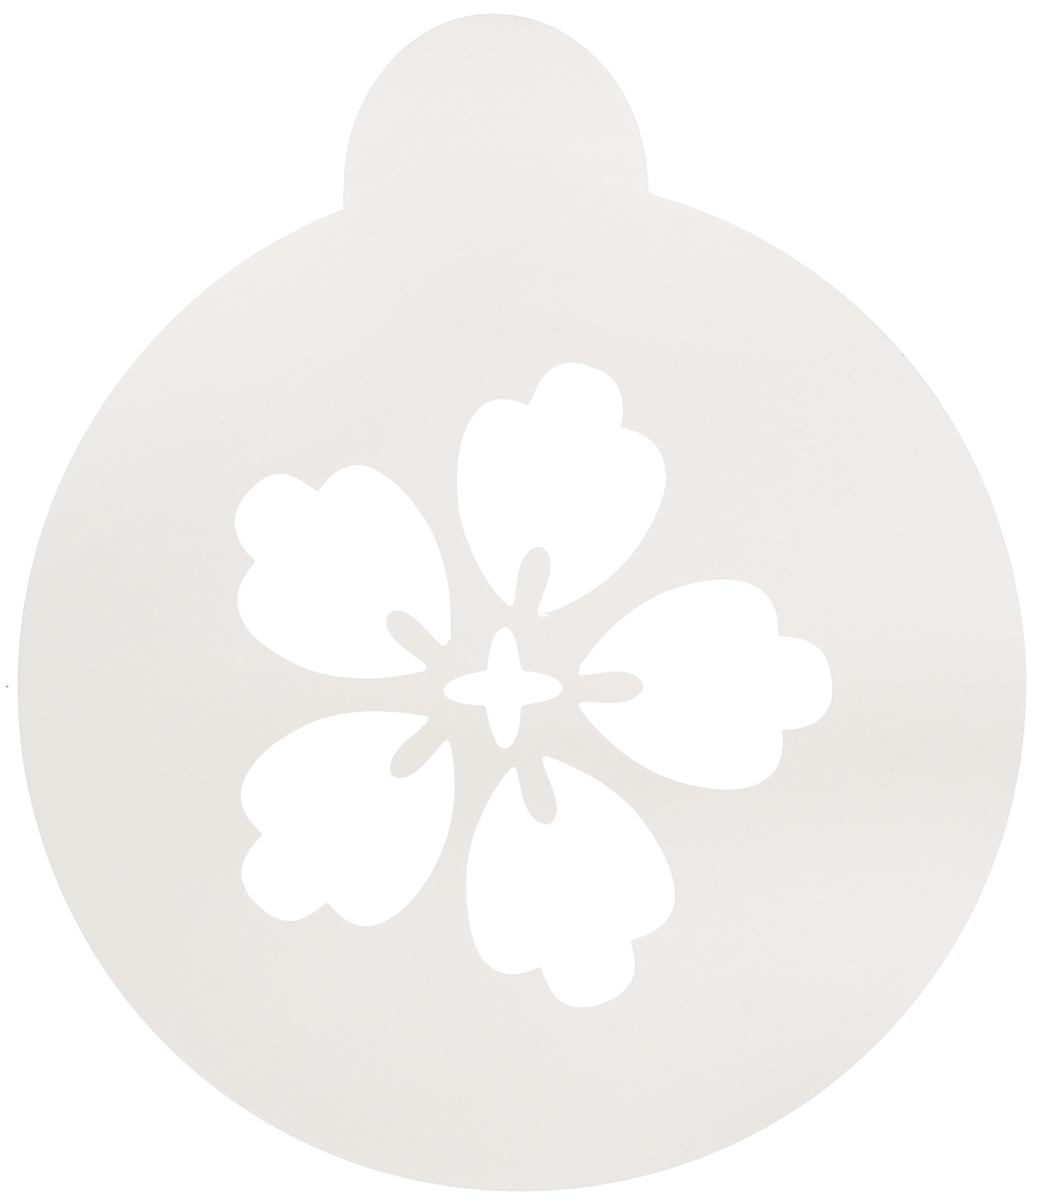 Трафарет на кофе и десерты Леденцовая фабрика Цветочек-пятилистник, диаметр 10 см трафарет на кофе и десерты леденцовая фабрика кошка с рыбой диаметр 10 см